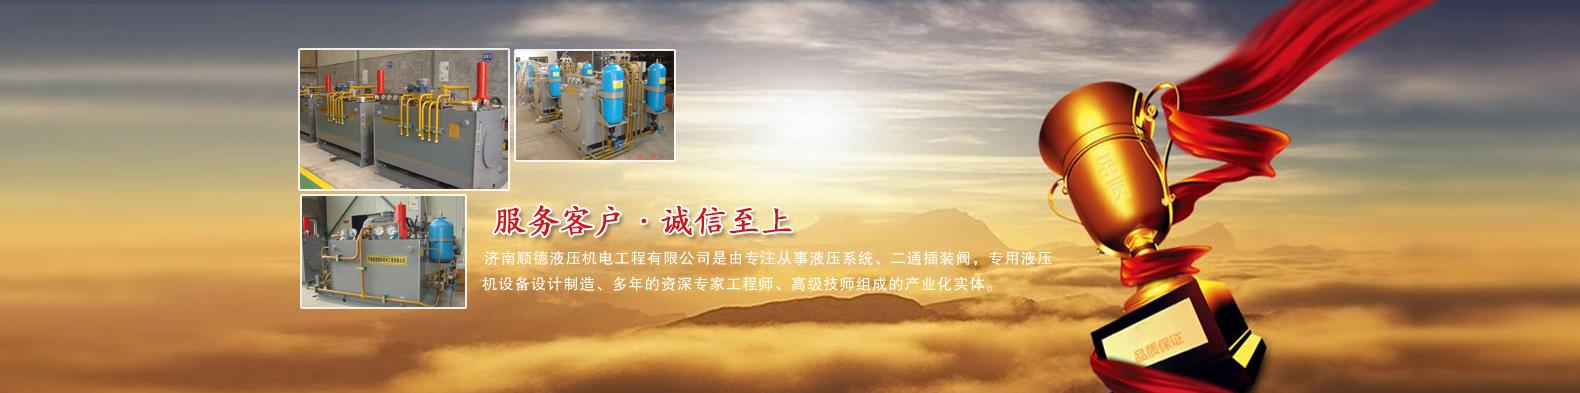 快鍛壓機系統,彩鋼板生產線液壓系統